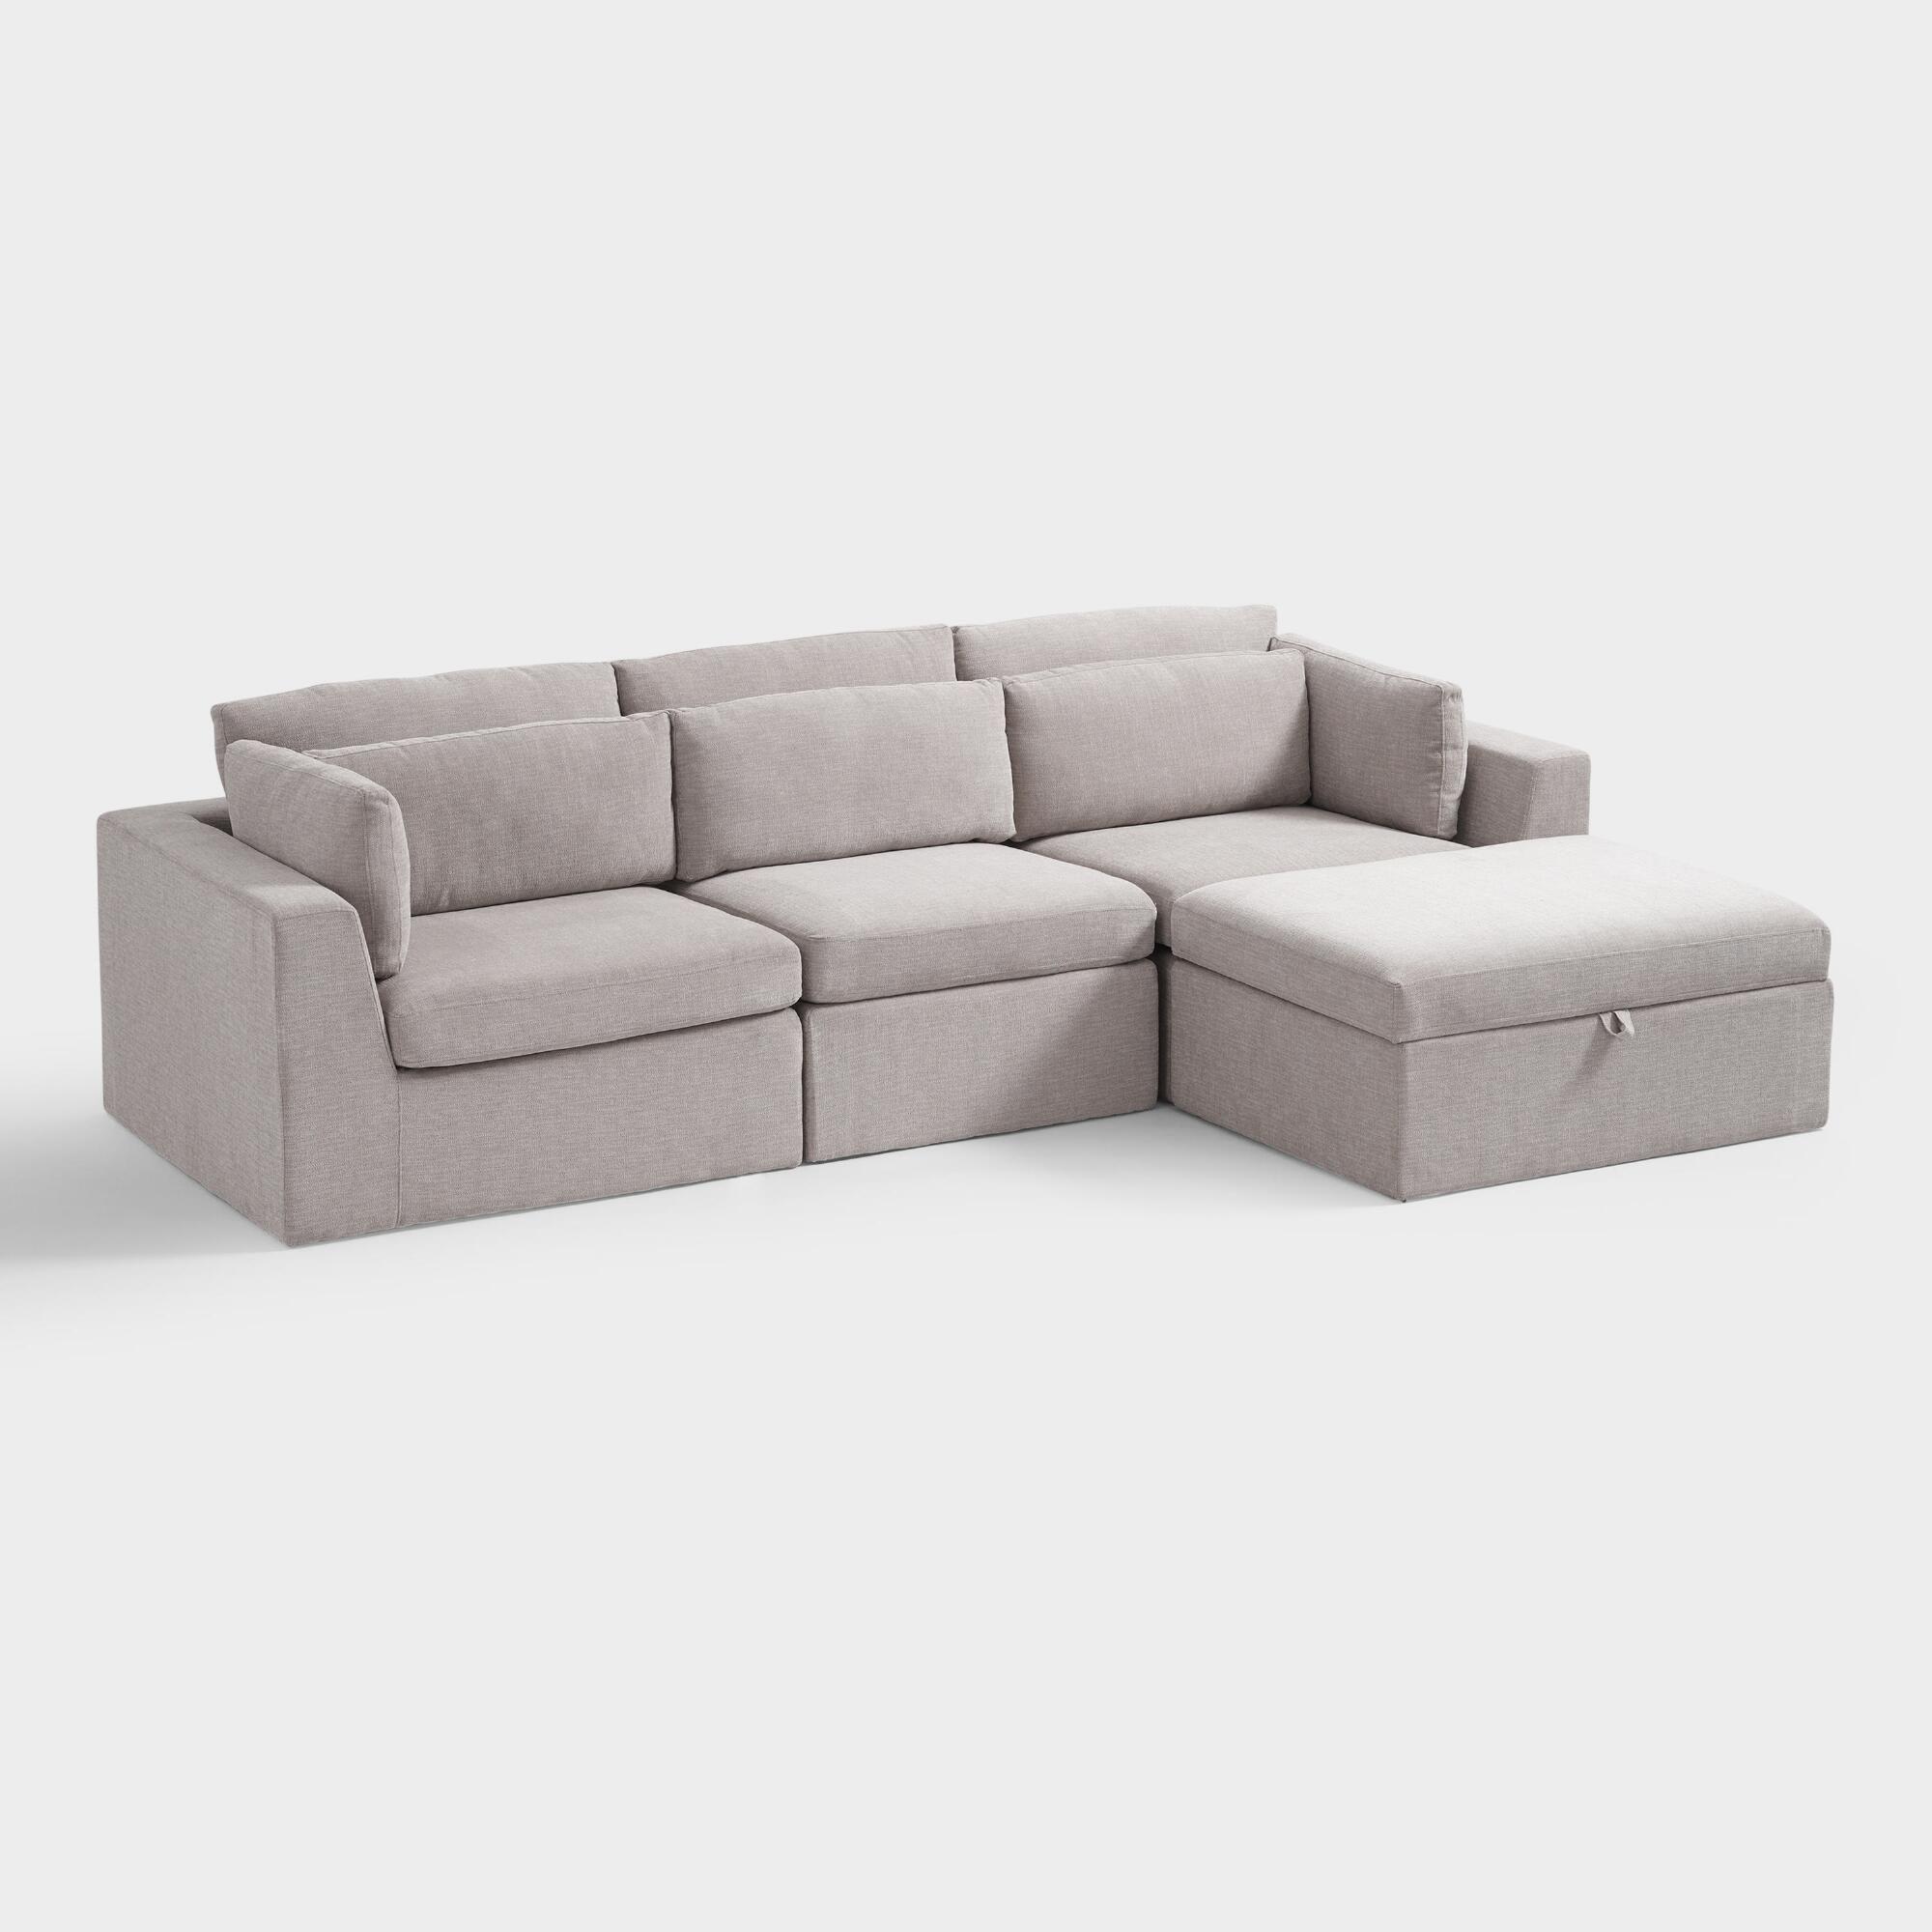 Emmett 4 Piece Modular Sectional Sofa by World Market ...